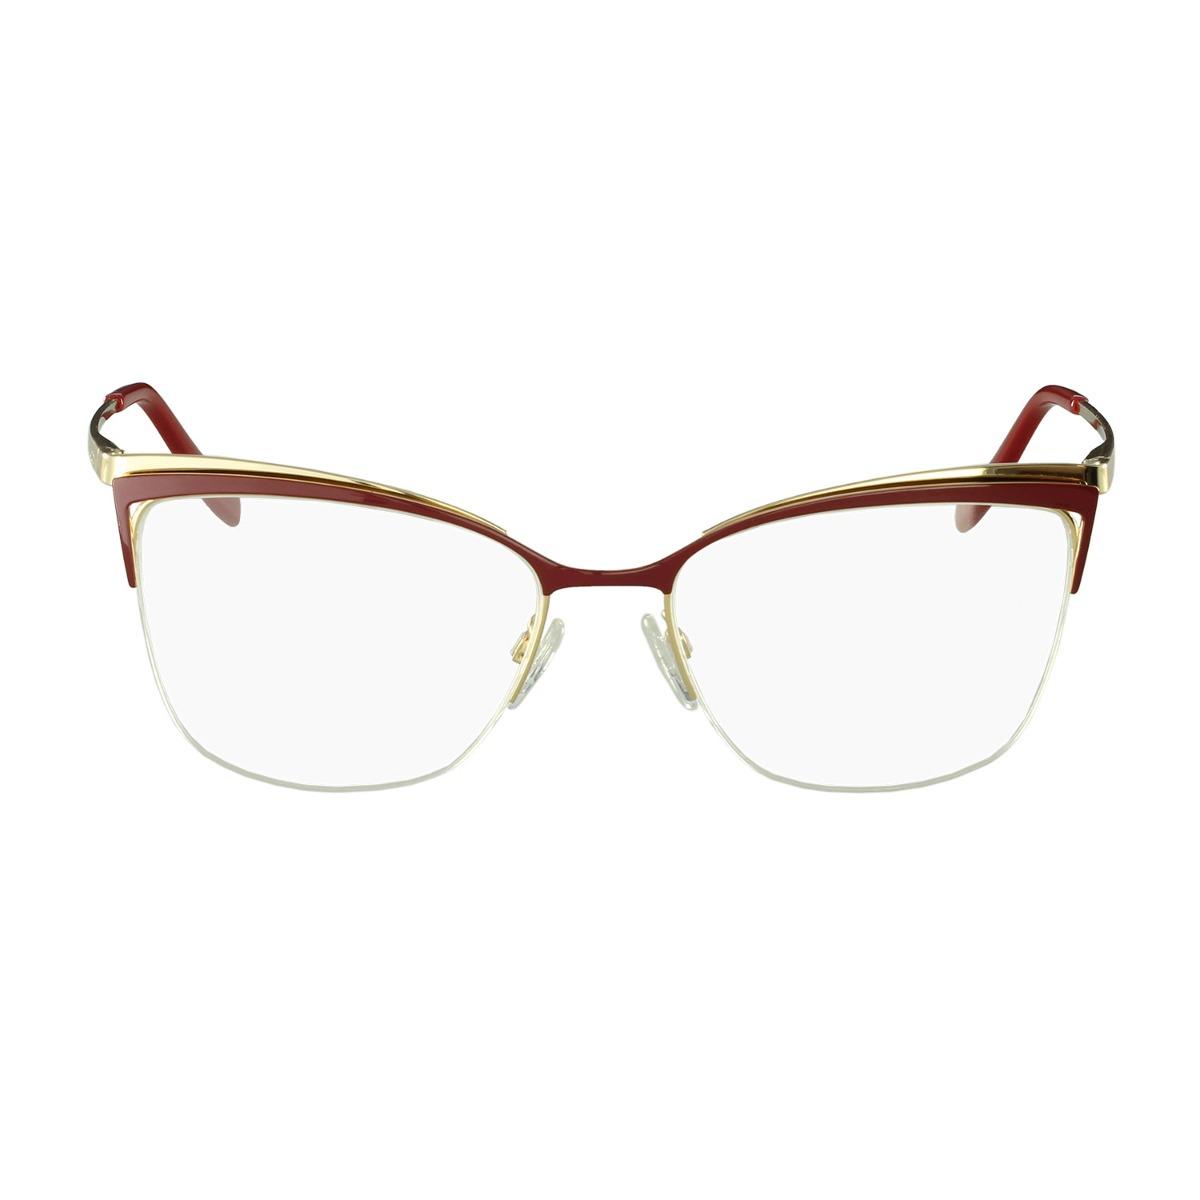 Óculos De Grau Ana Hickmann Gatinho Vermelho - R  508,00 em Mercado Livre 53fdd16a48